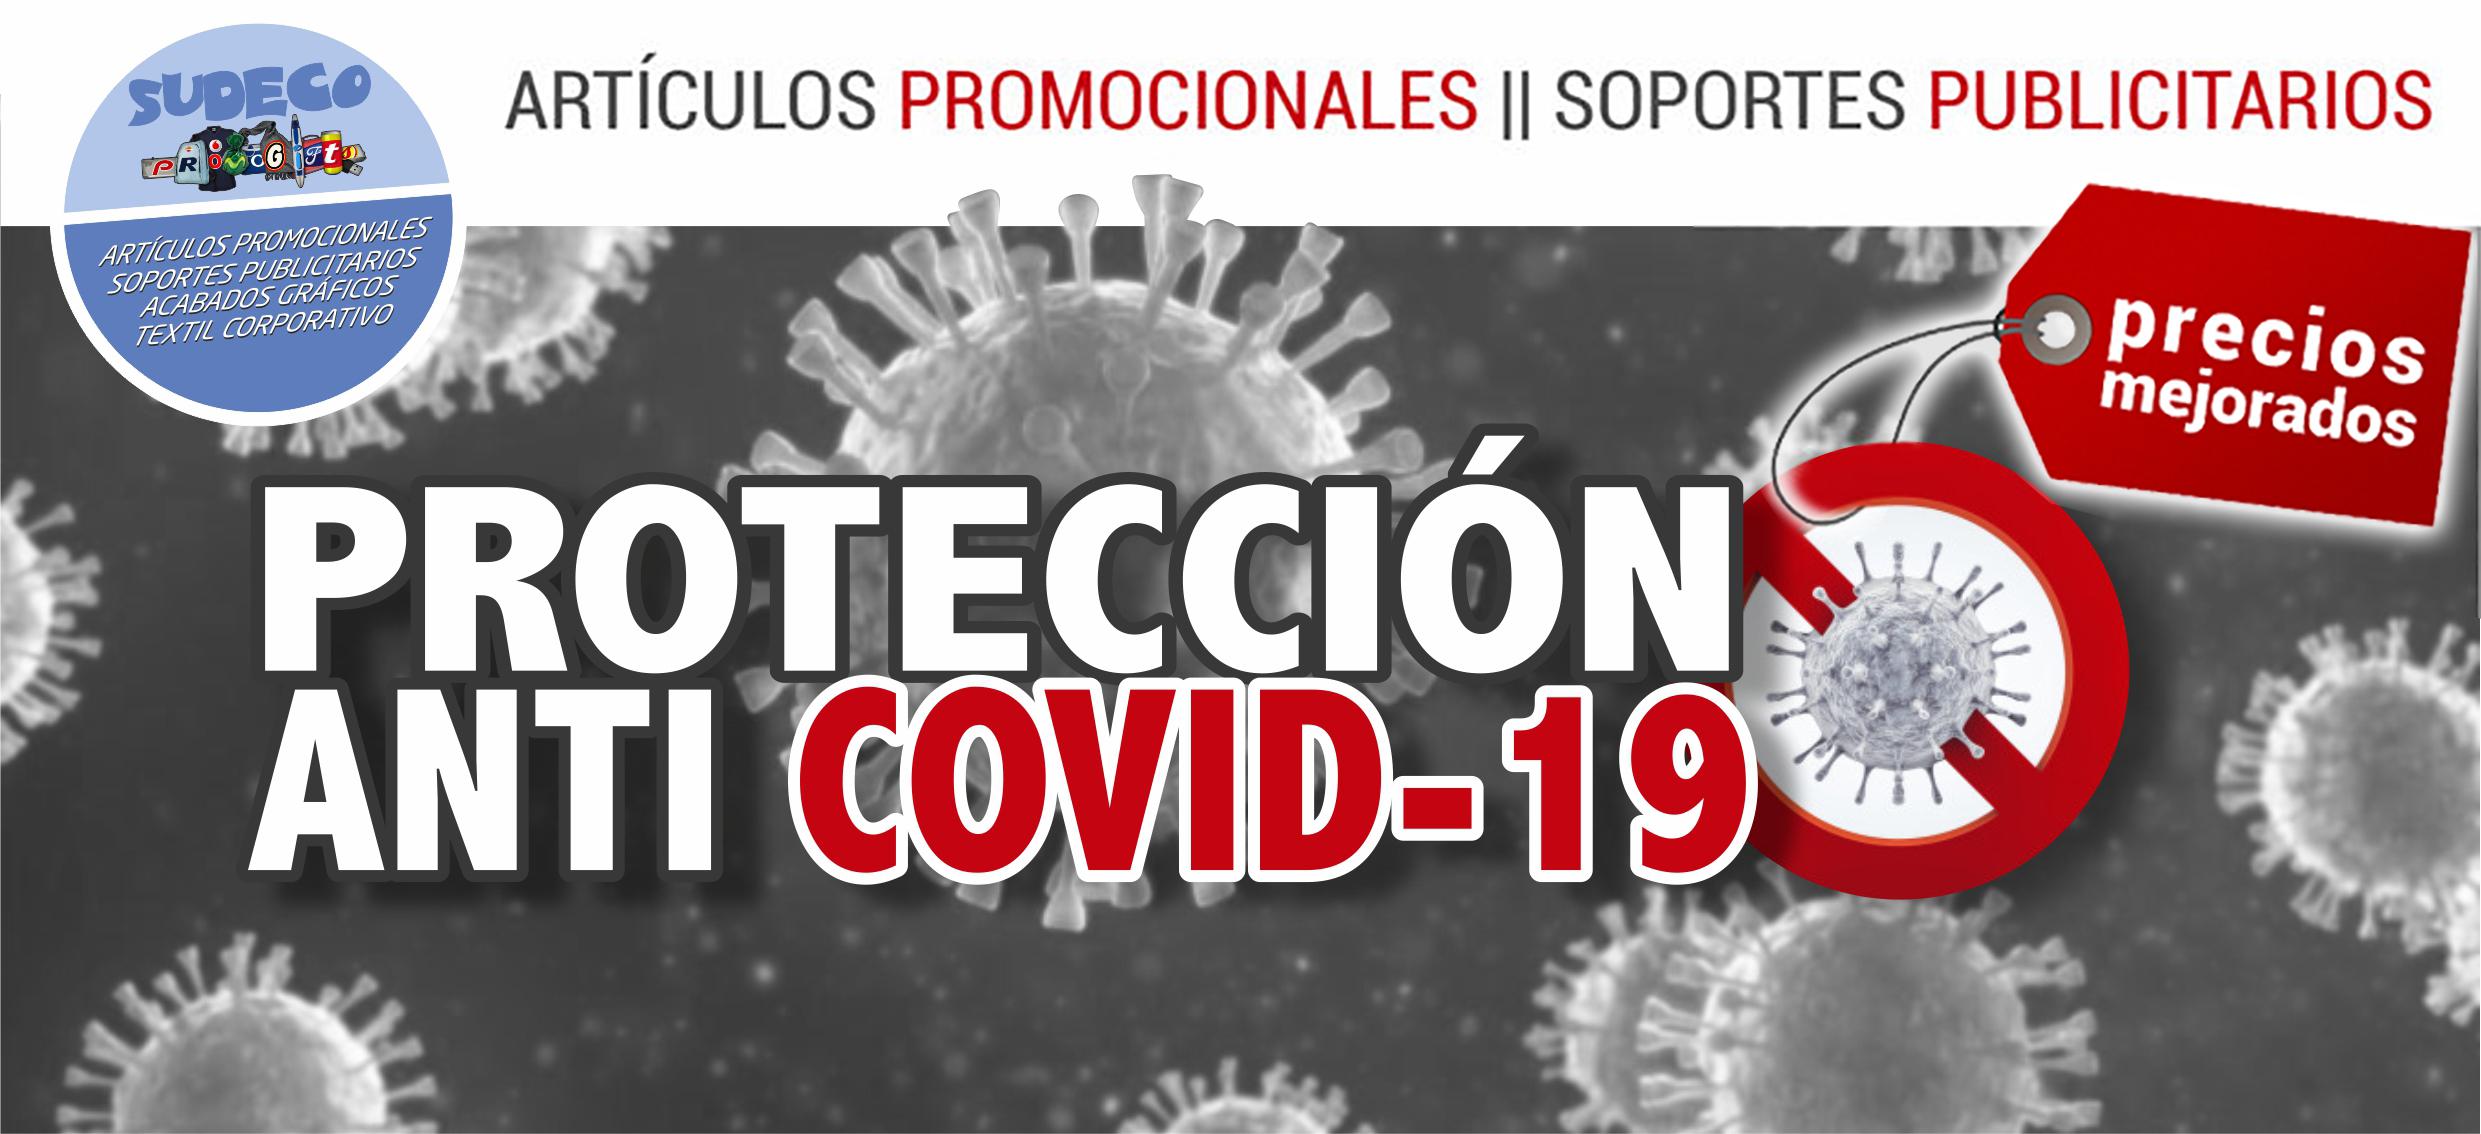 SDC-emailing-COVID19-SUPERIOR-02